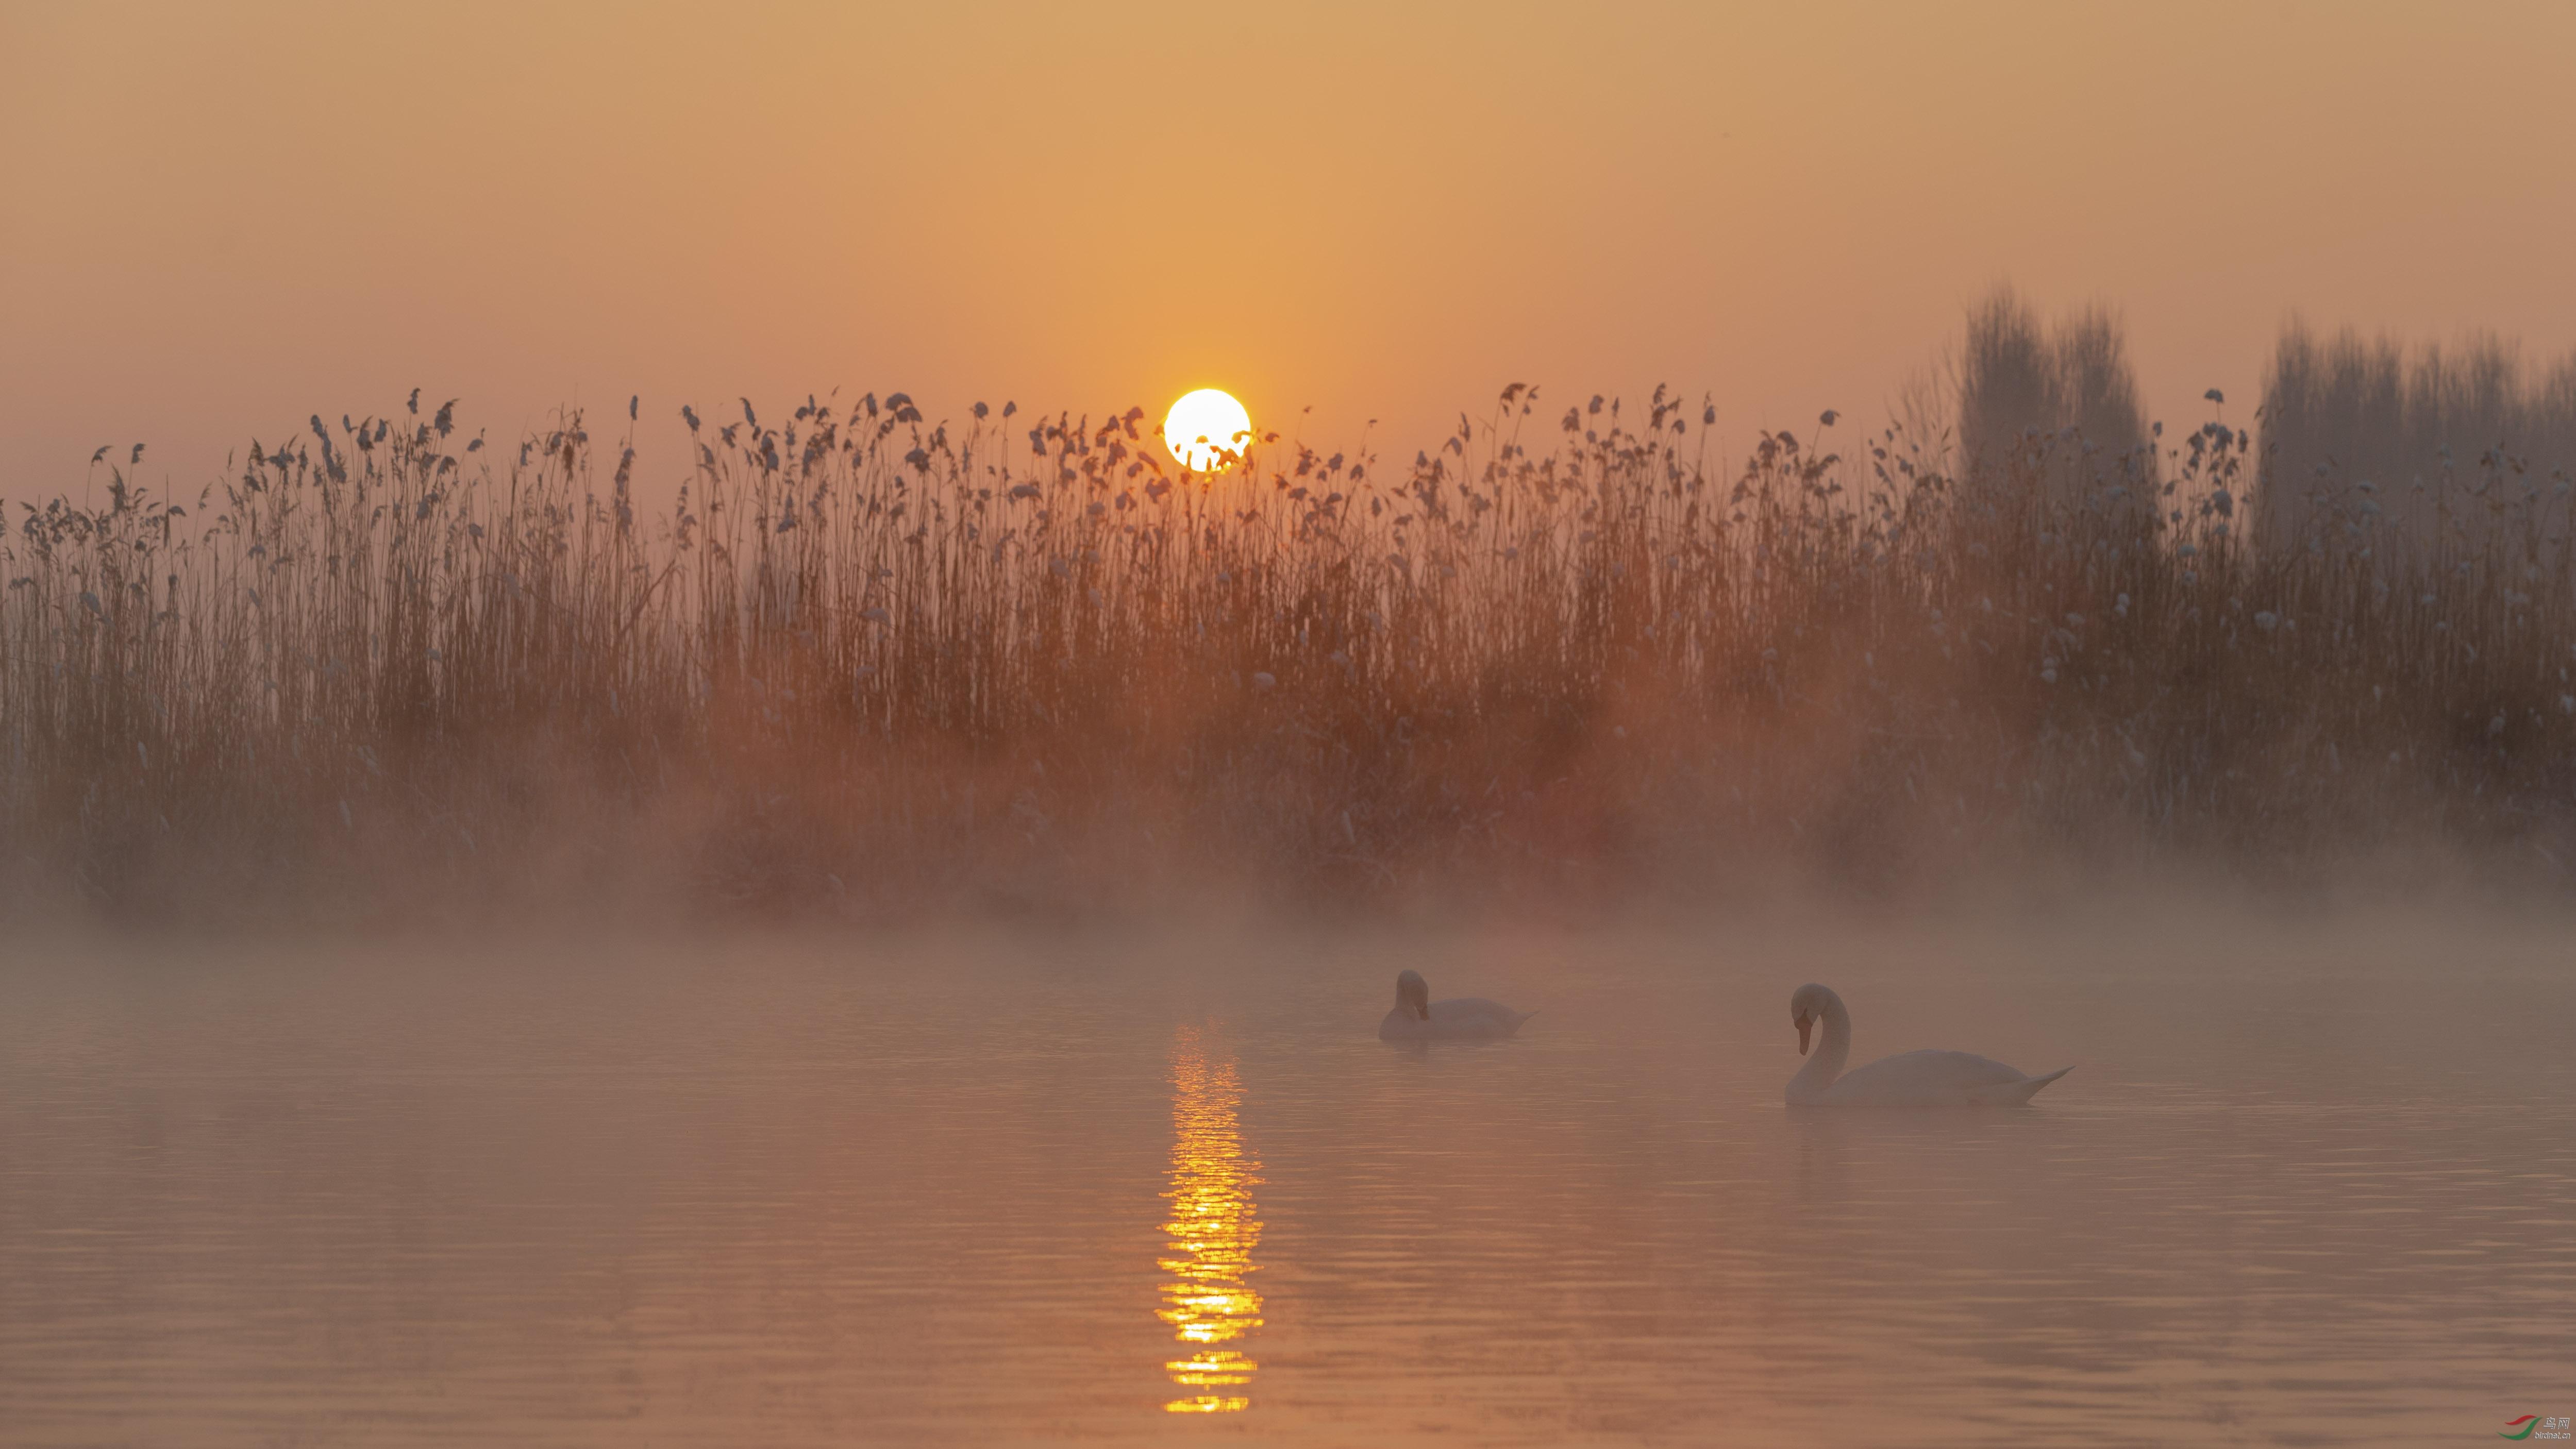 日落天鹅湖.jpg